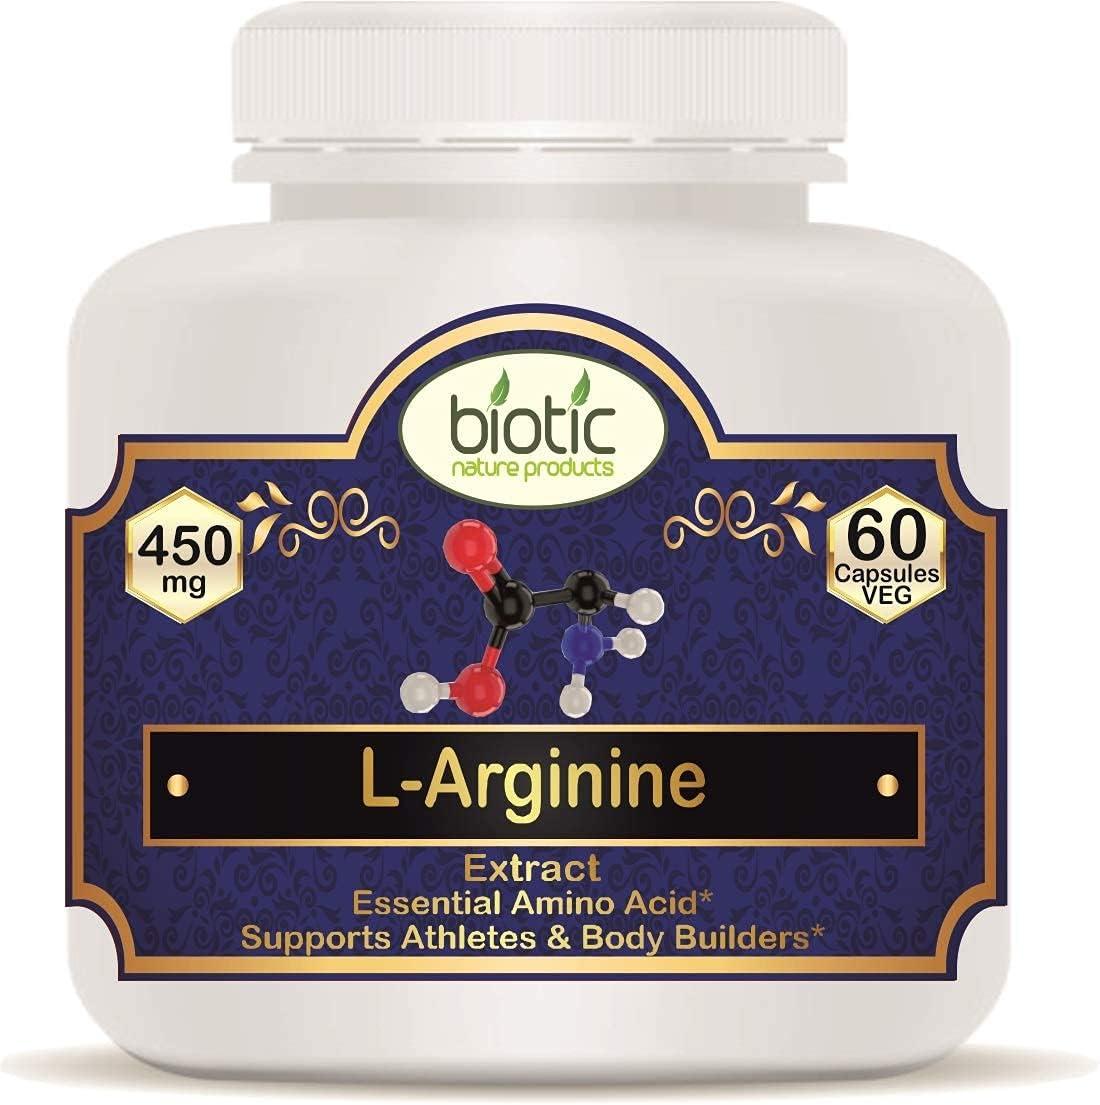 It is very popular Bluenile Biotic L-Arginine L Arginine Capsules C mg 60 Award-winning store - Veg 450